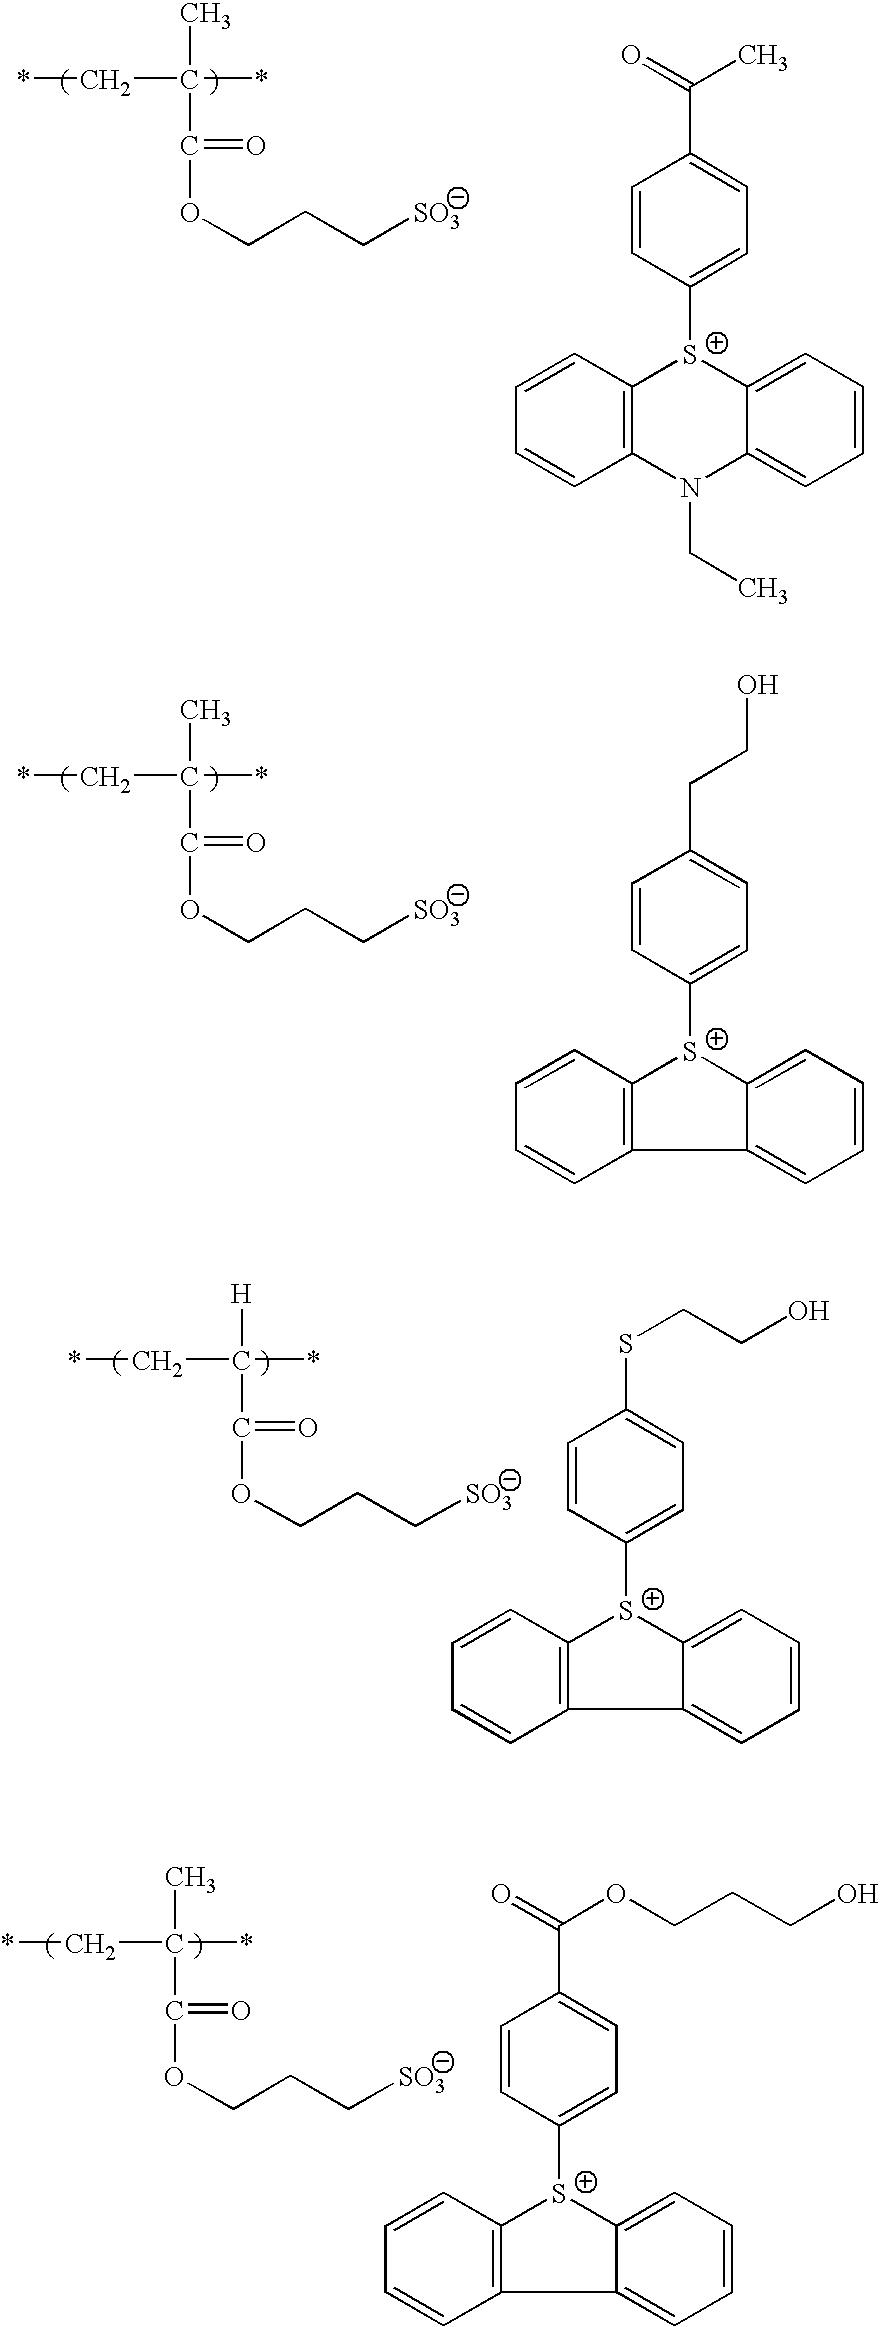 Figure US20100183975A1-20100722-C00062